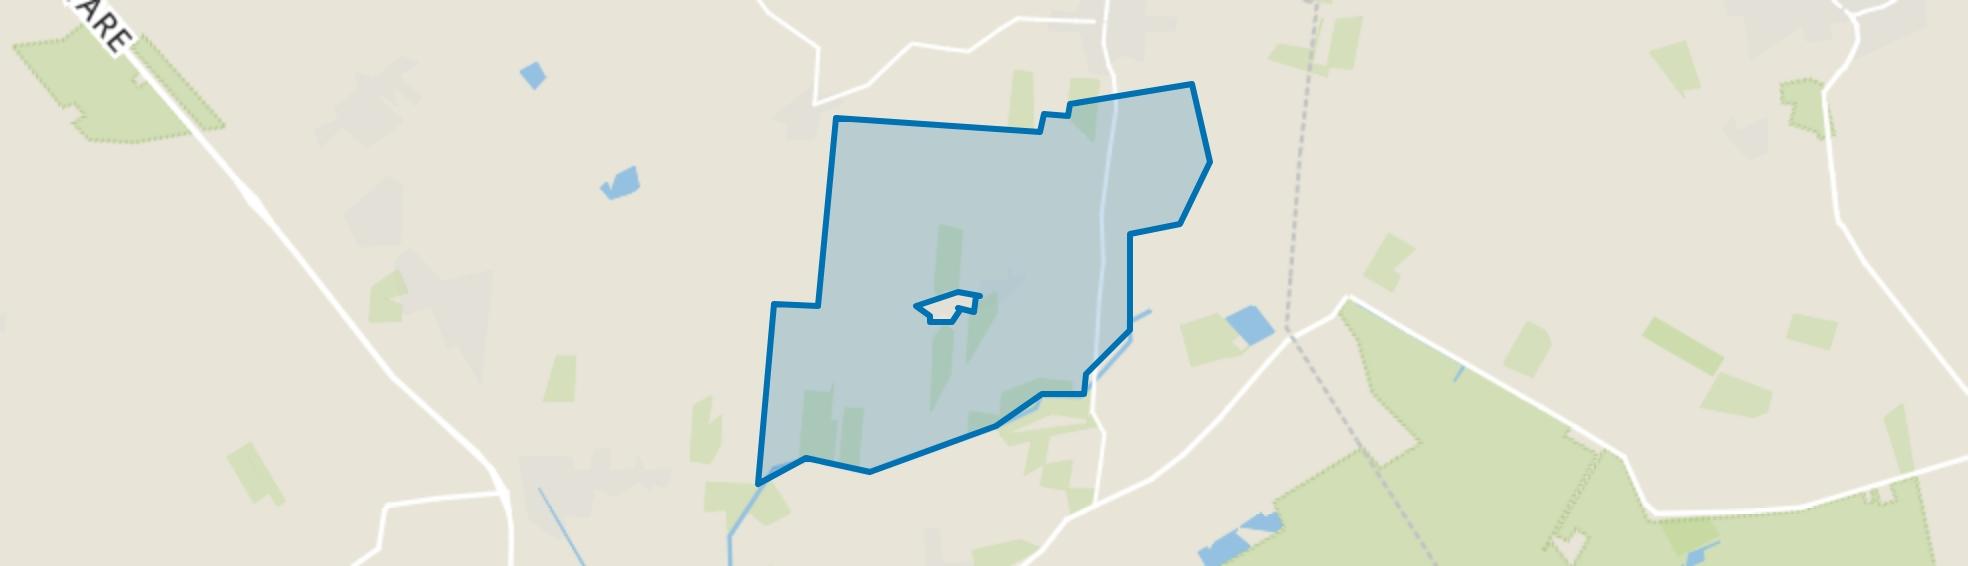 Haule-Buitengebied, Haule map